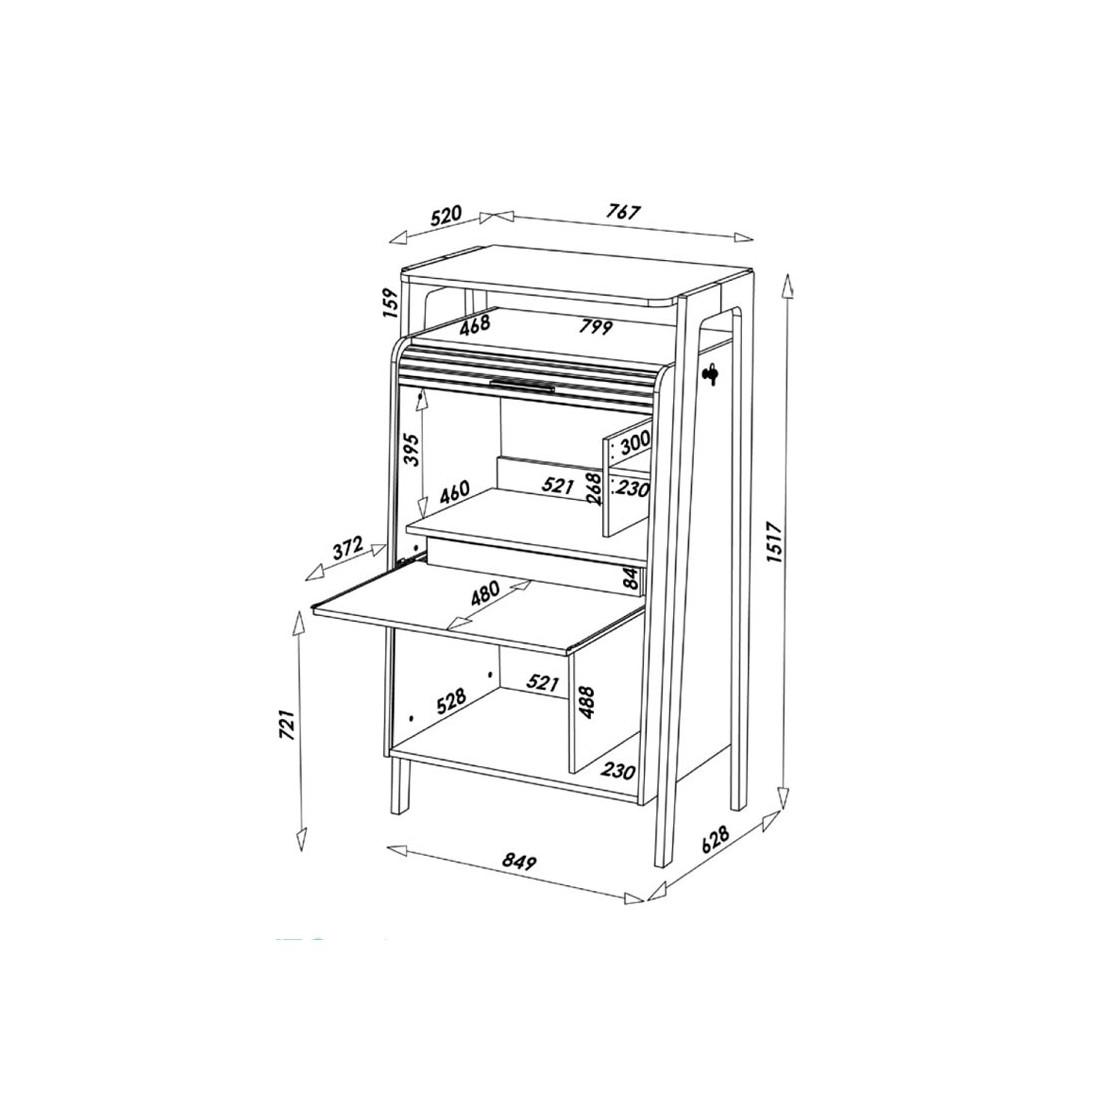 armoire designe but armoire informatique rideau dernier cabinet id es pour la maison moderne. Black Bedroom Furniture Sets. Home Design Ideas